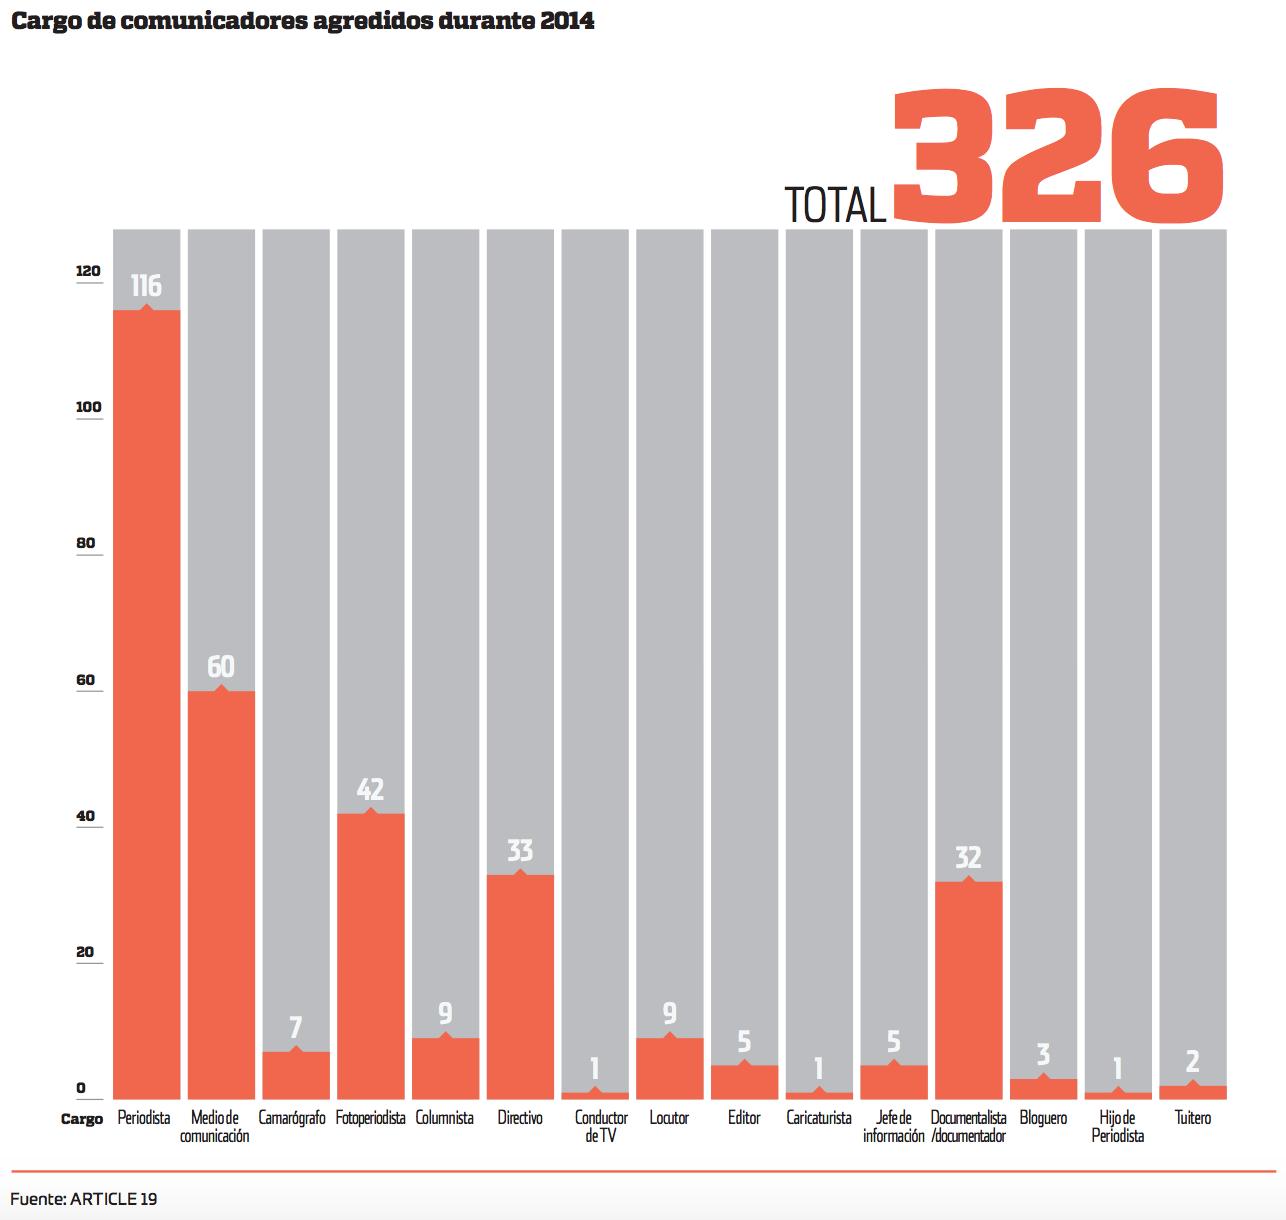 Cargo de comunicadores agredidos en 2014. Imagen: Artículo 19